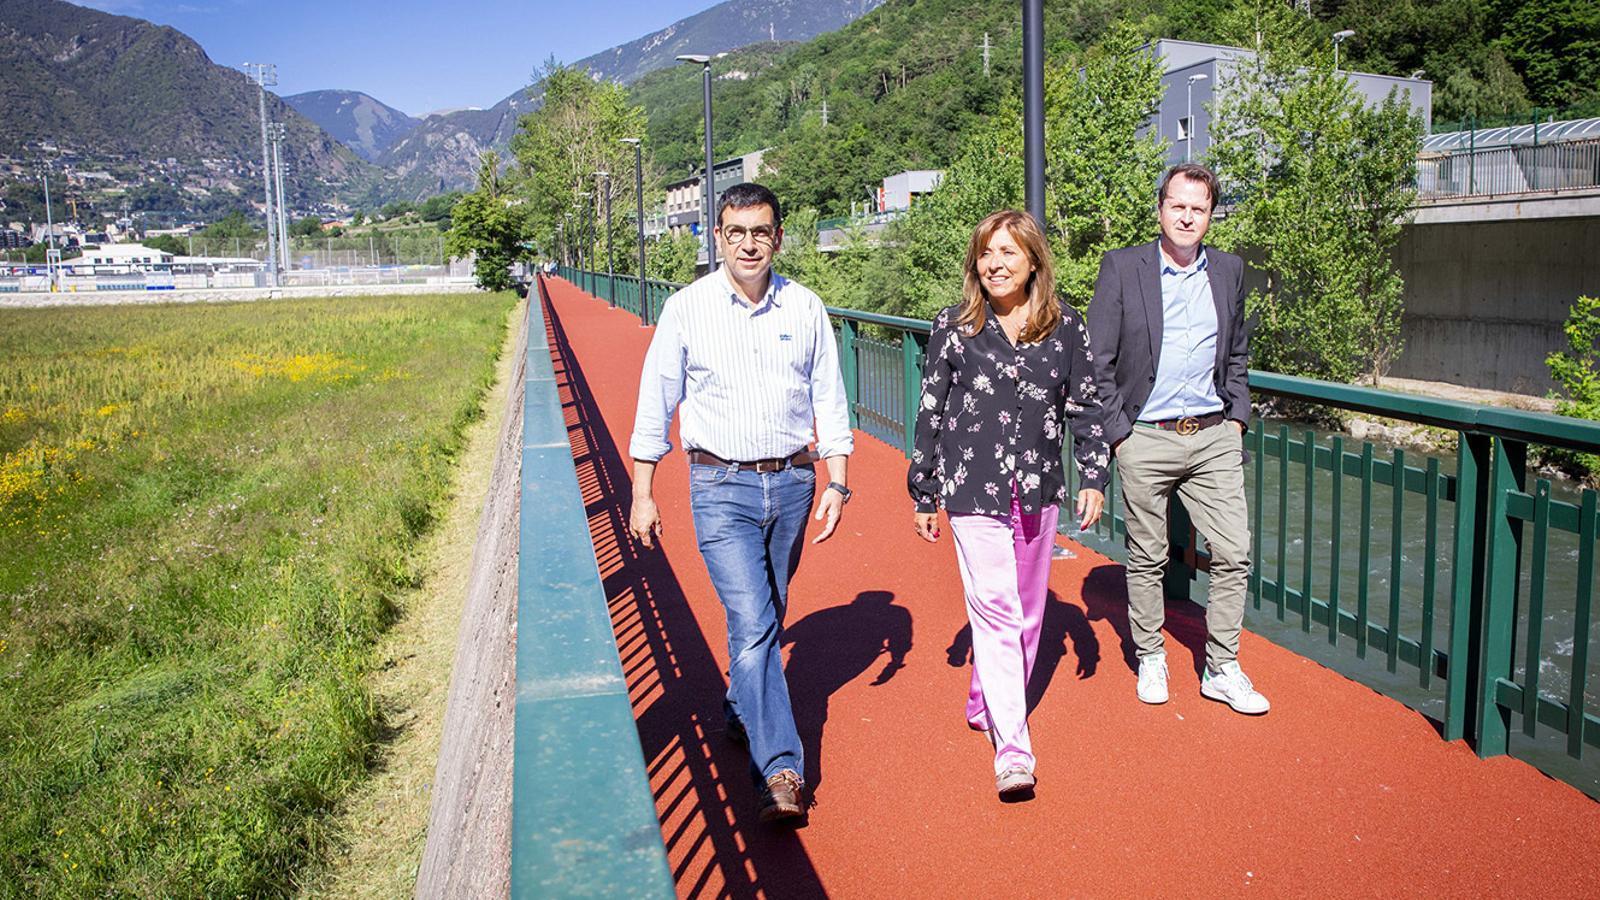 Miquel Canturri, Conxita Marsol i Josep Antoni Cortés estrenant el nou paviment. / COMÚ D'ANDORRA LA VELLA